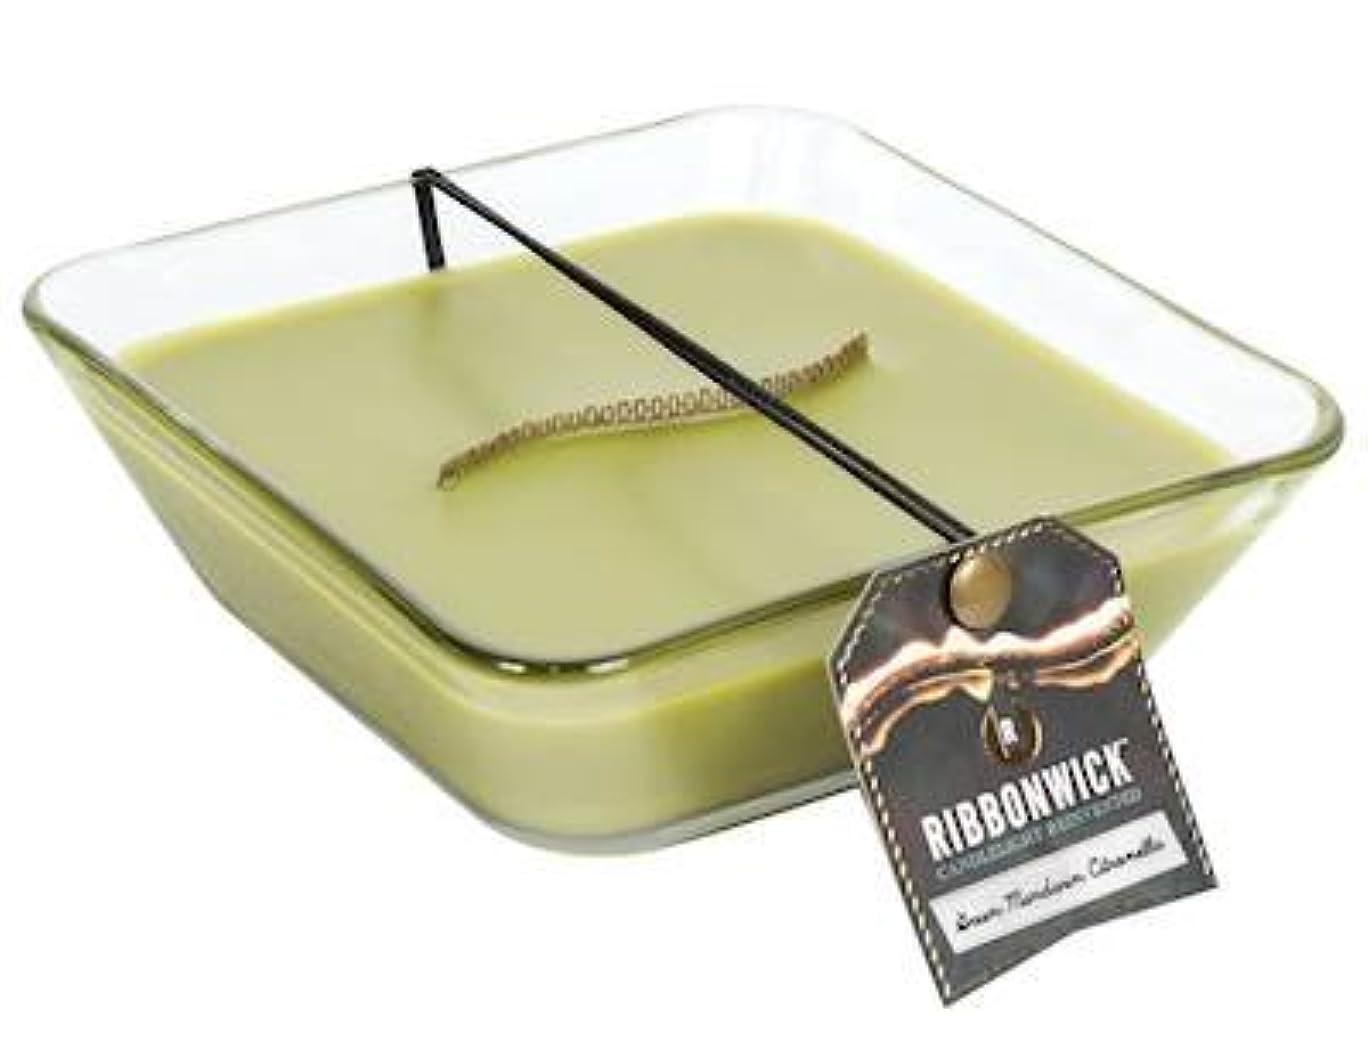 複雑でないスクワイアベンチグリーンマンダリンシトロネラ装飾ガラスMedium RibbonWick Scented Candle – アウトドアコレクション